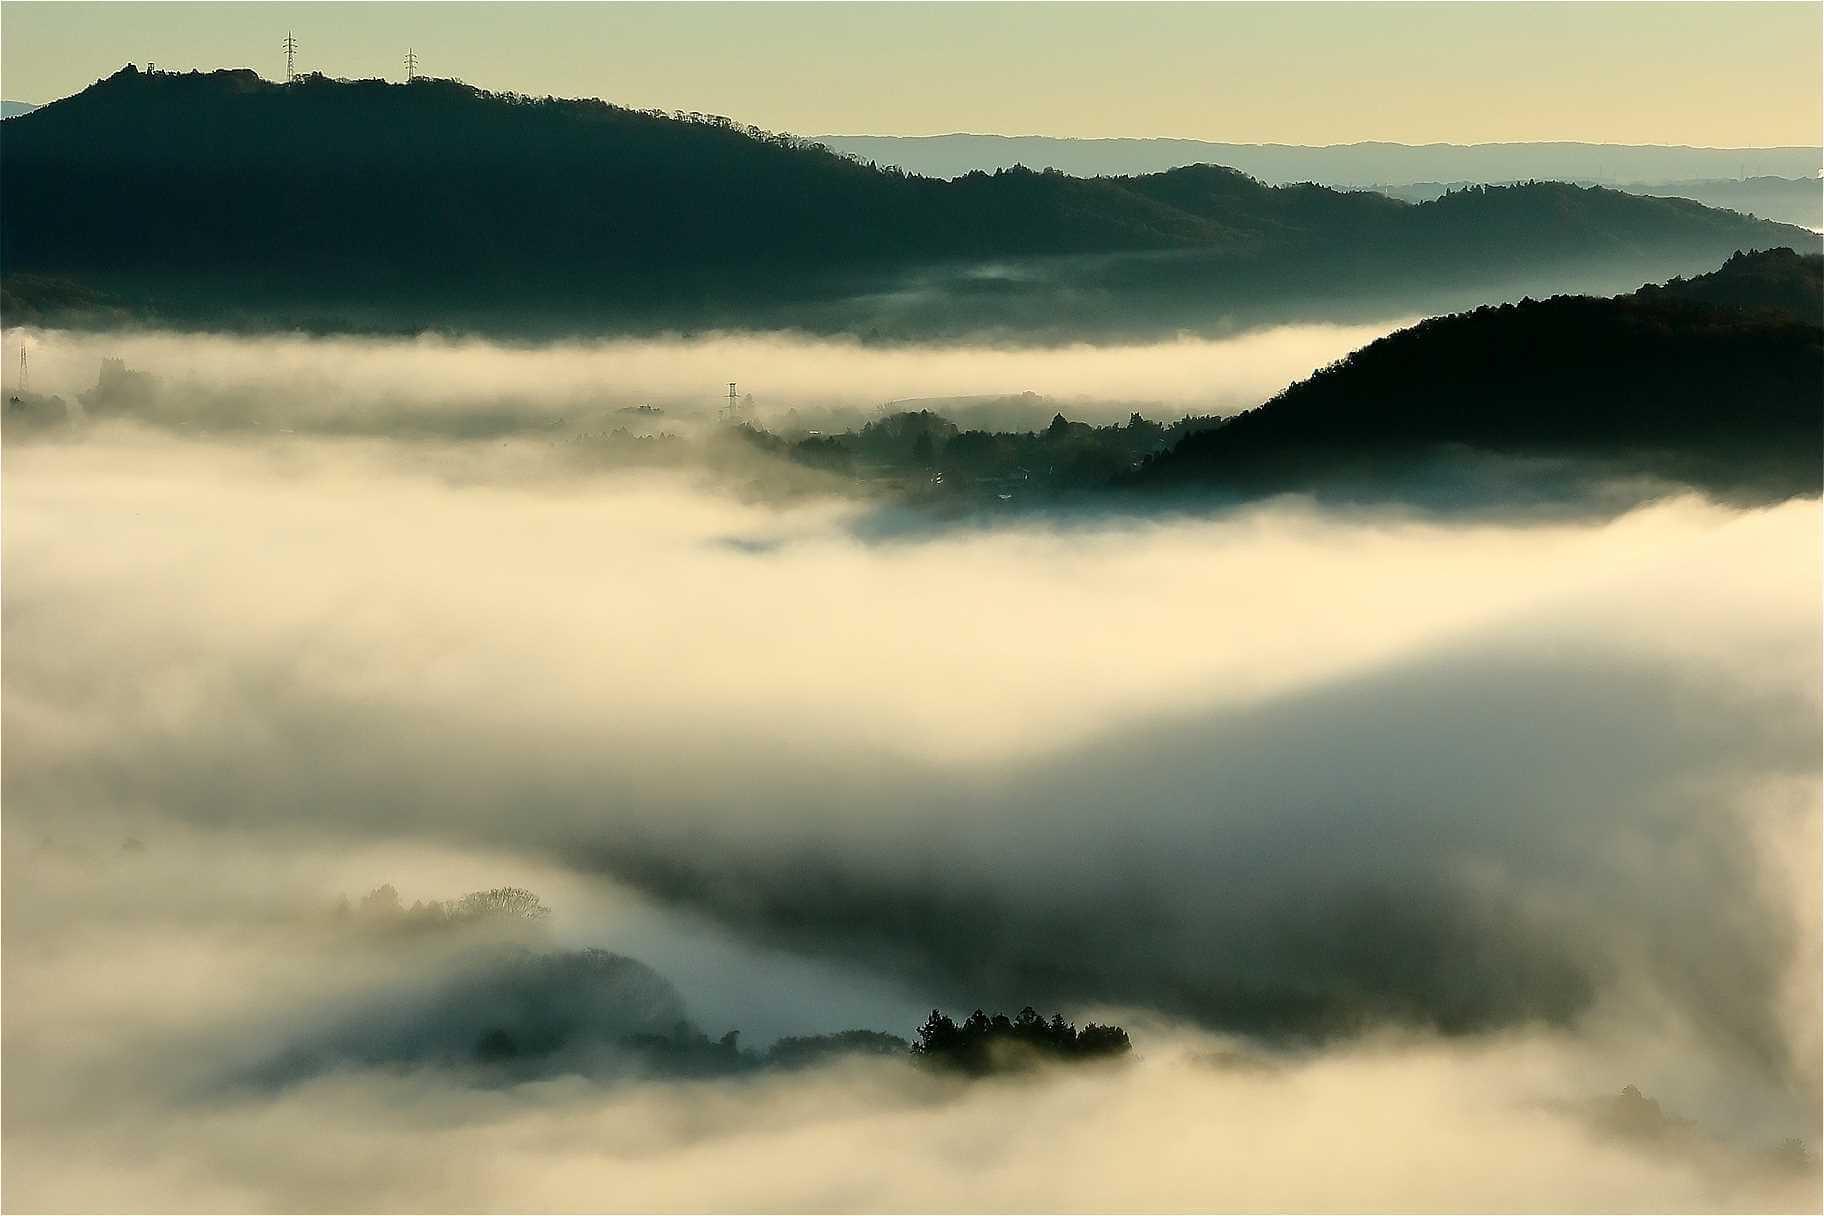 茂木町鎌倉山の雲海